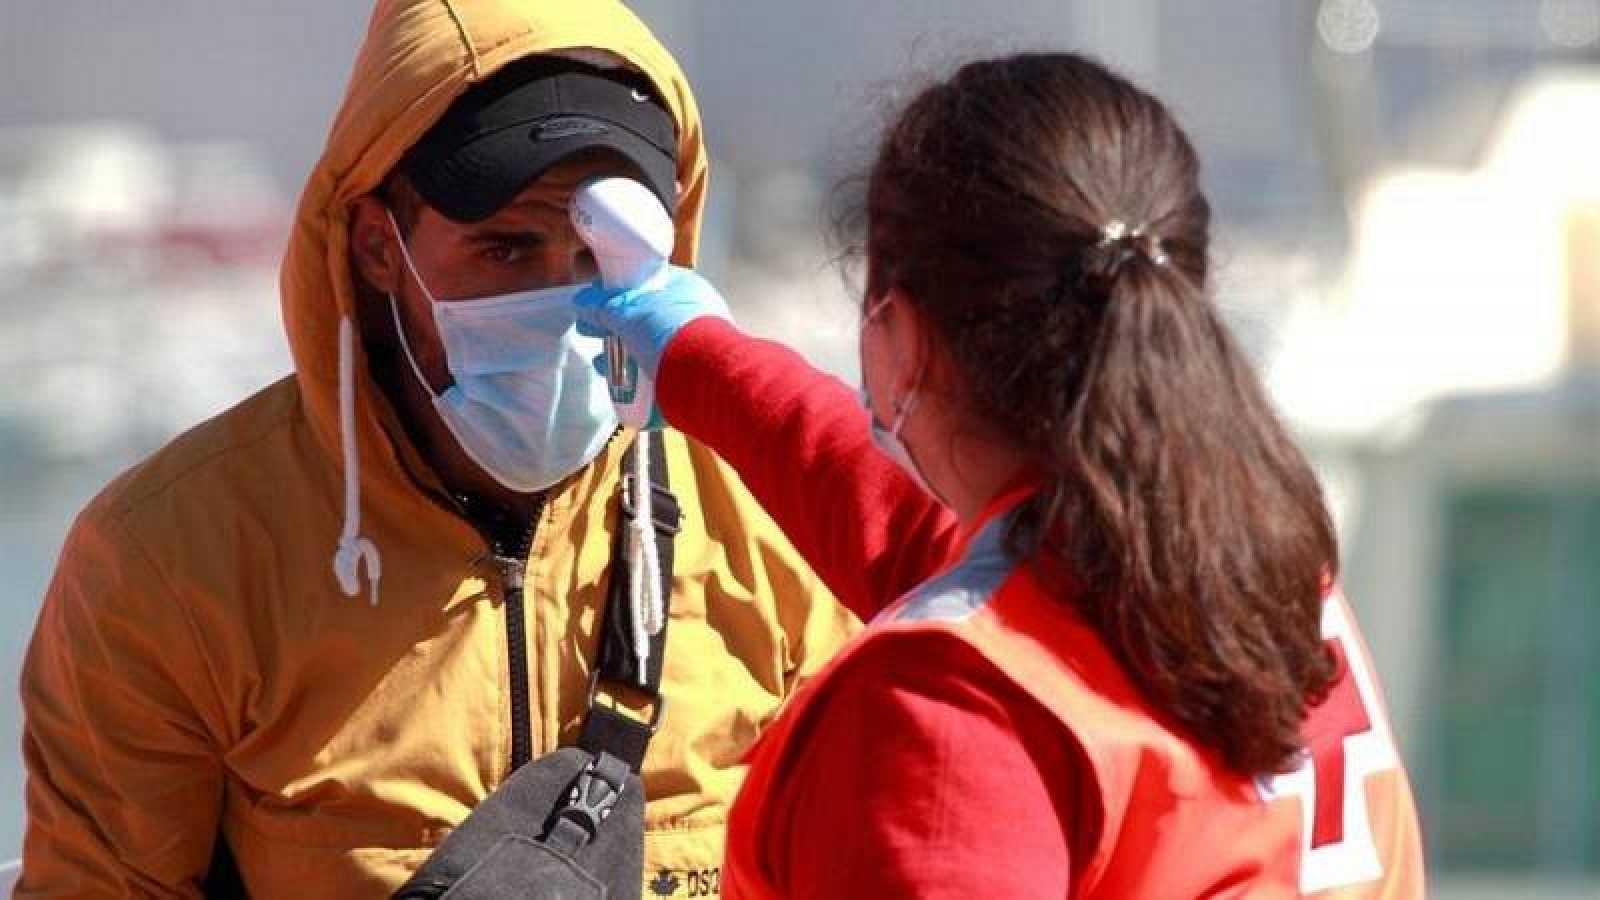 El matí a Ràdio 4 - La vulnerabilitat, amb Julia de Miguel, directora de l'àrea de Salut de la Creu Roja